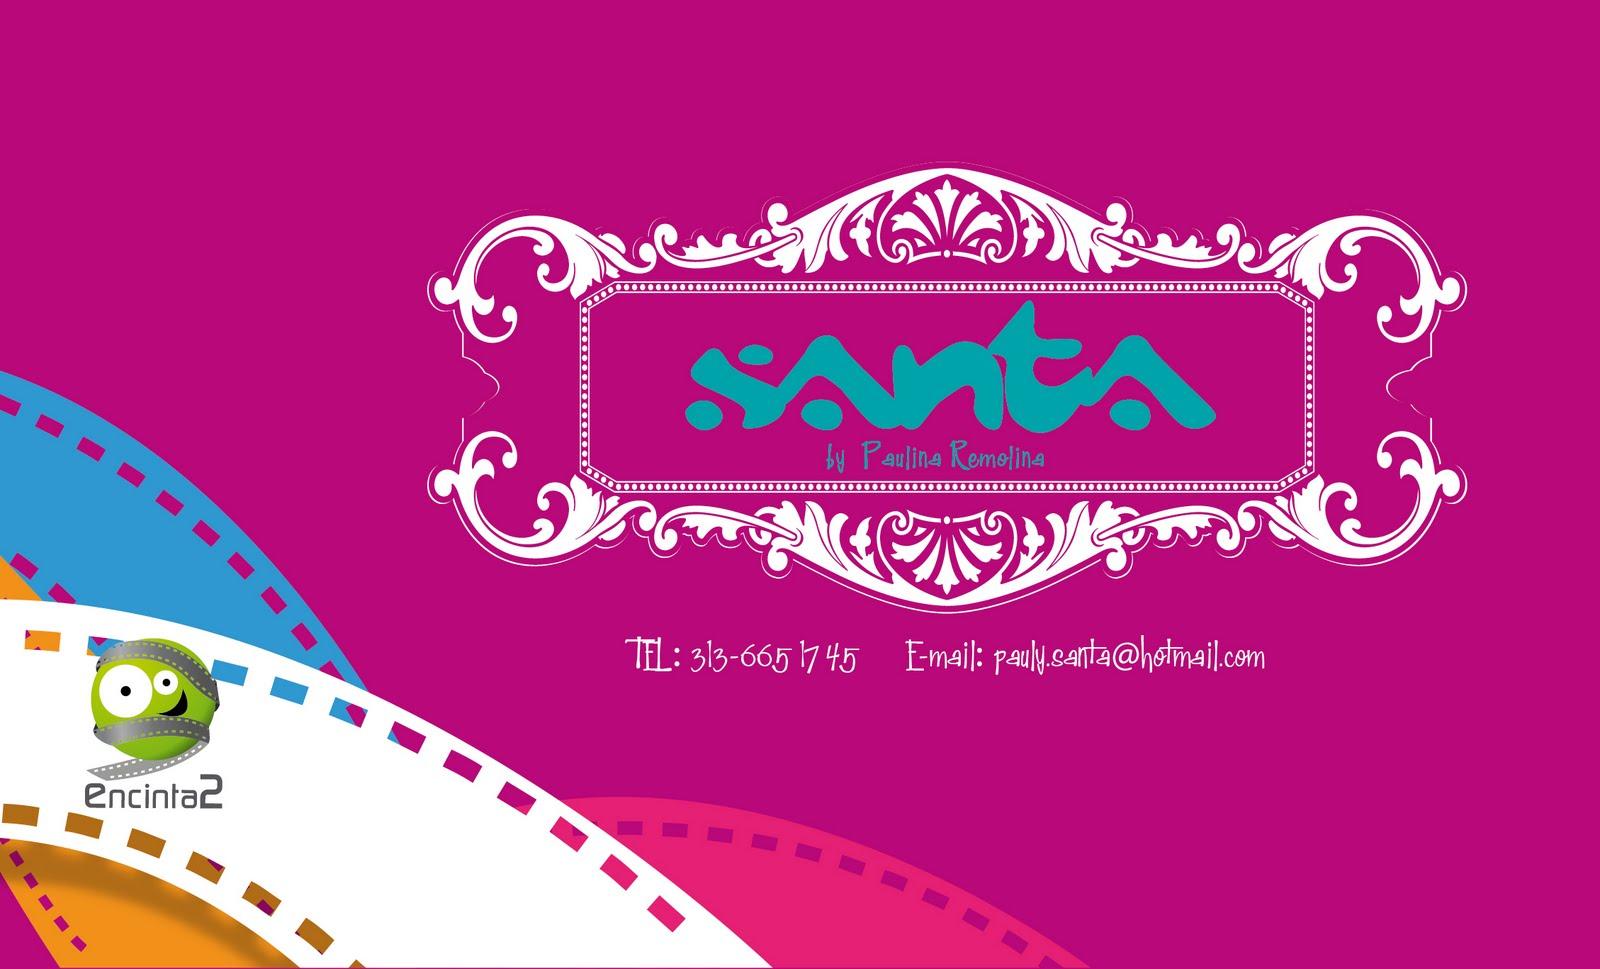 http://1.bp.blogspot.com/-RhsTAVuSWvY/TcohrfQbgmI/AAAAAAAAAEo/jhfWpCCI1s0/s1600/LOGO+santa-01.jpg